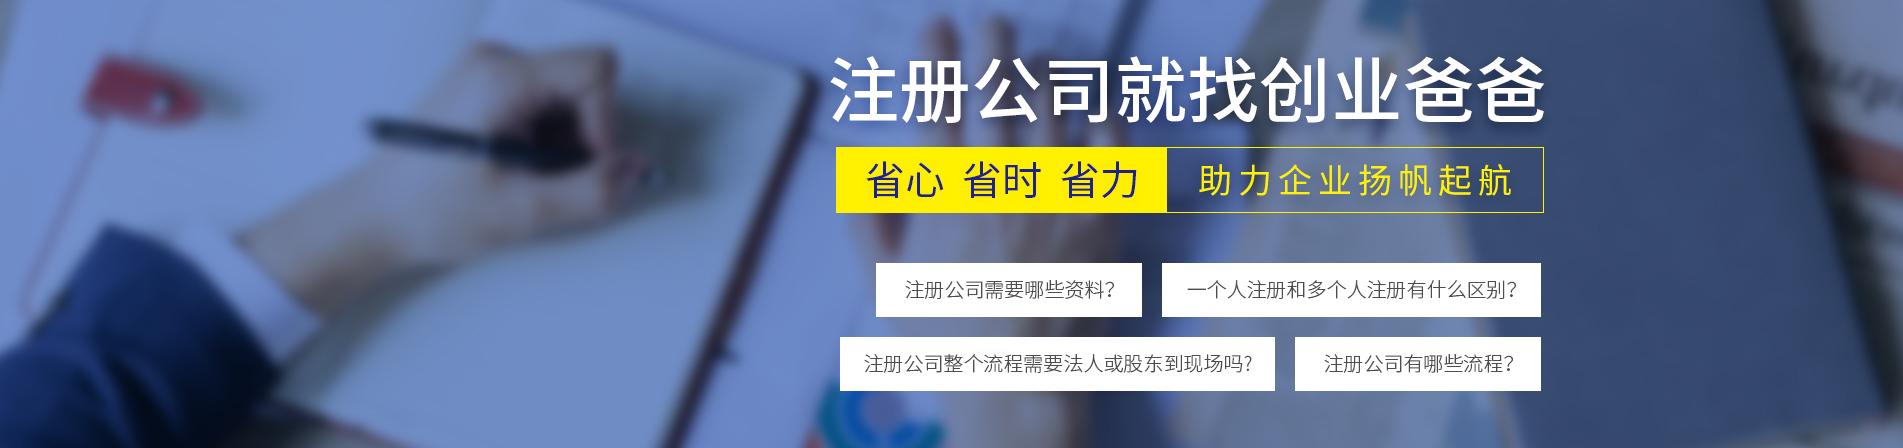 南京注册公司